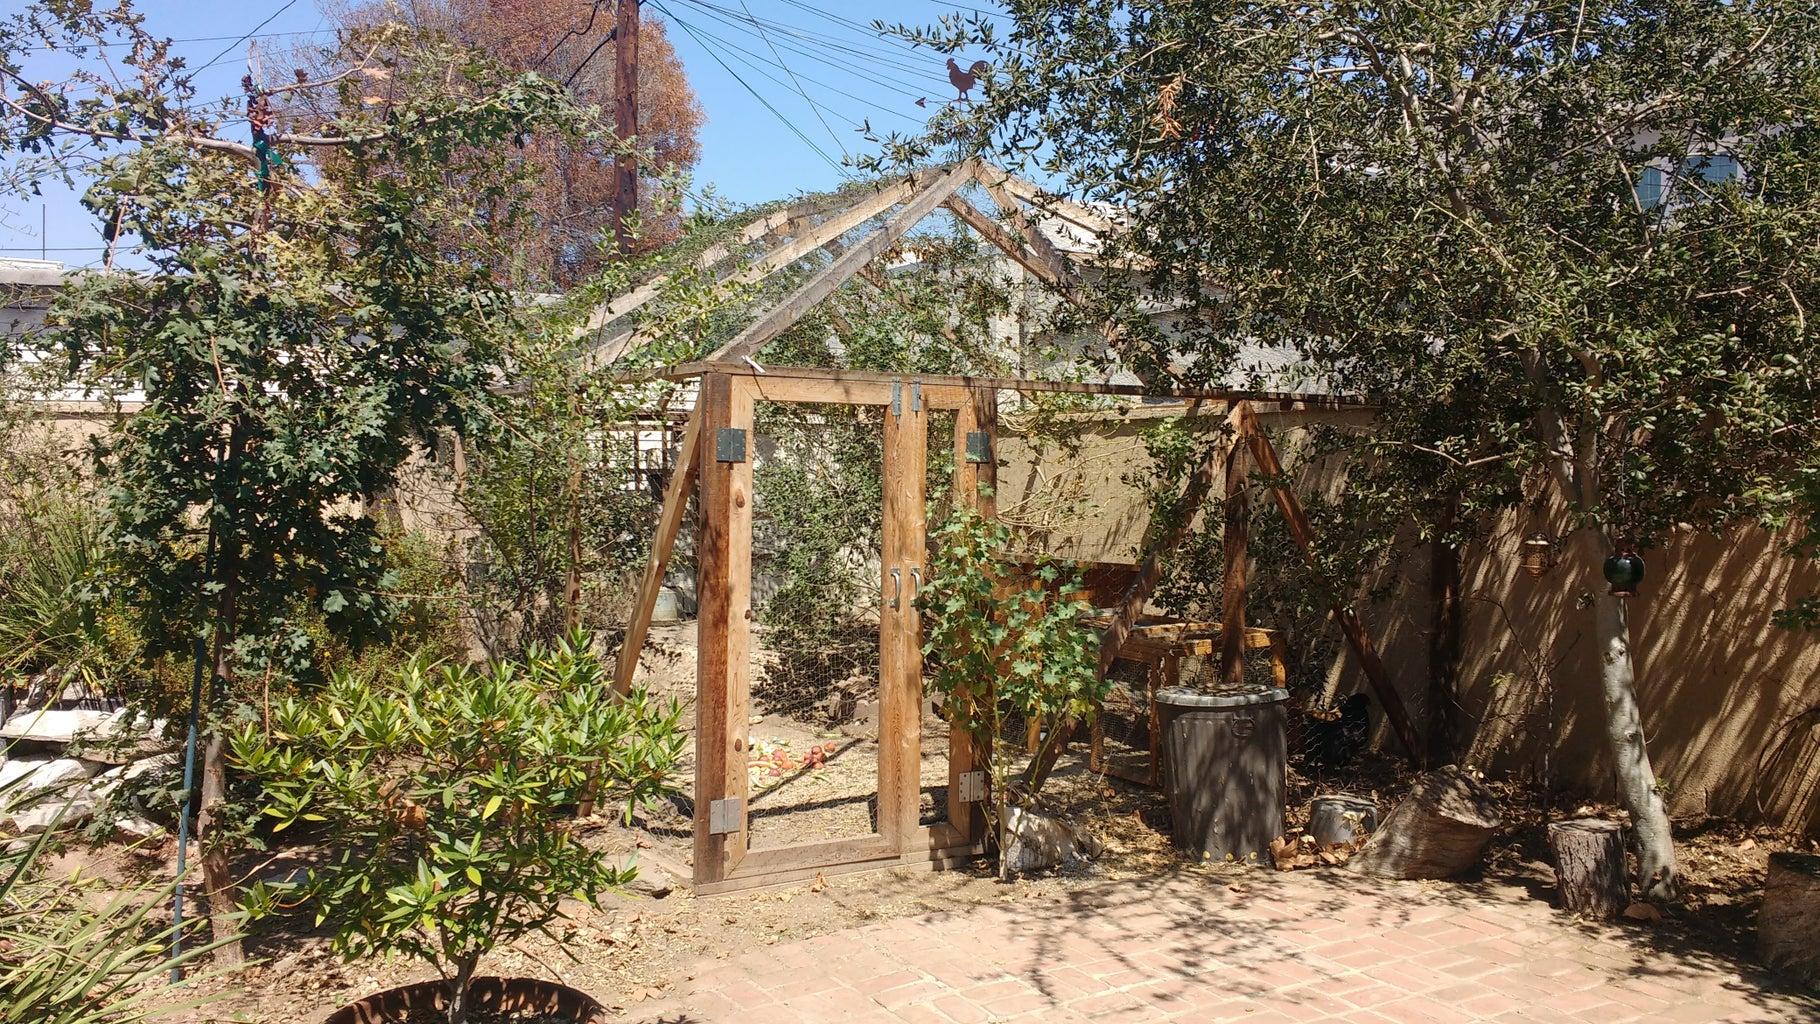 Walk-in Open Air Chicken Coop